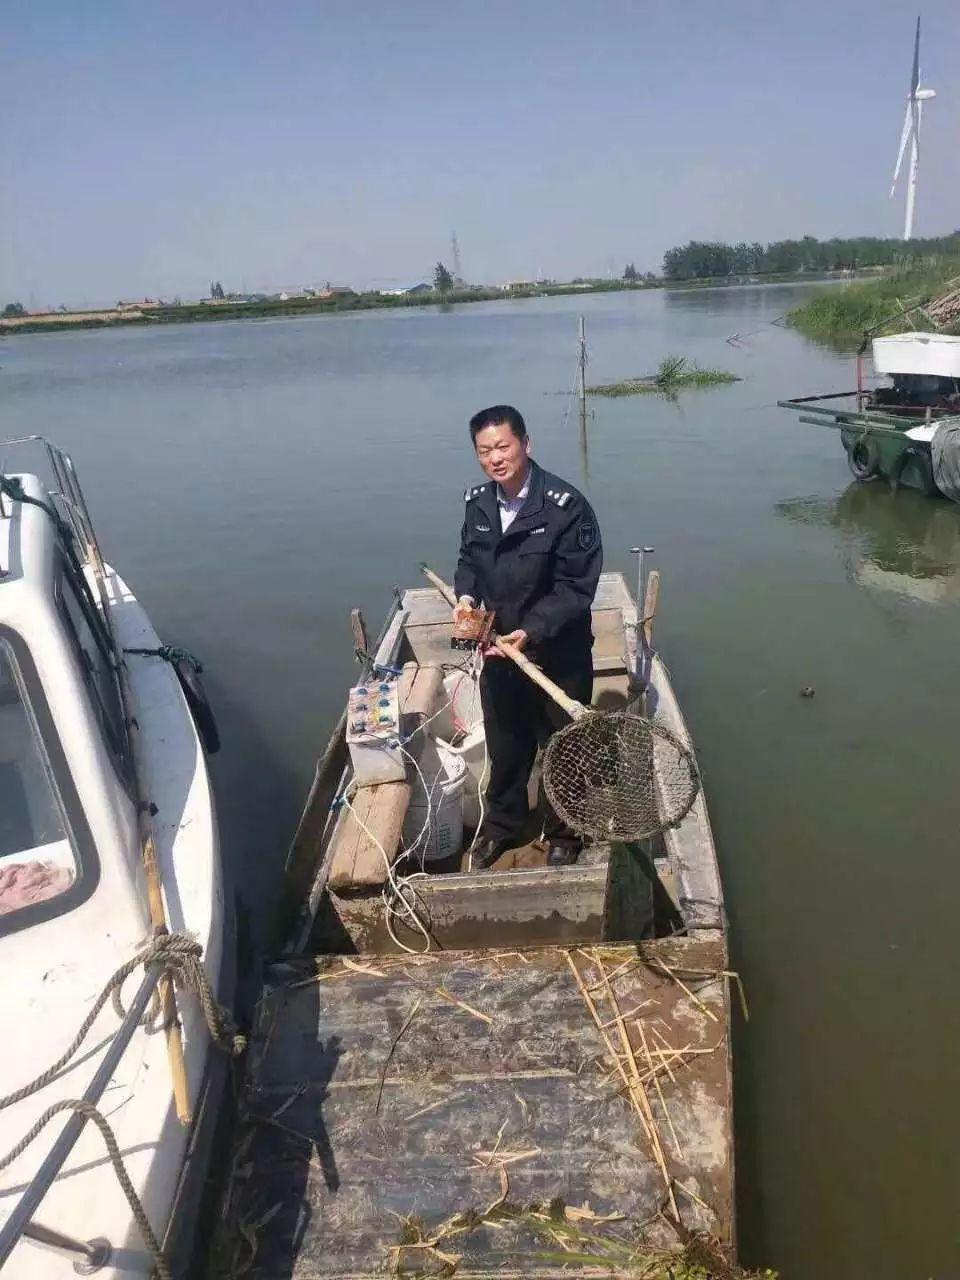 电捕鱼者弃船逃跑,亭湖区渔政监督大队有奖找人!